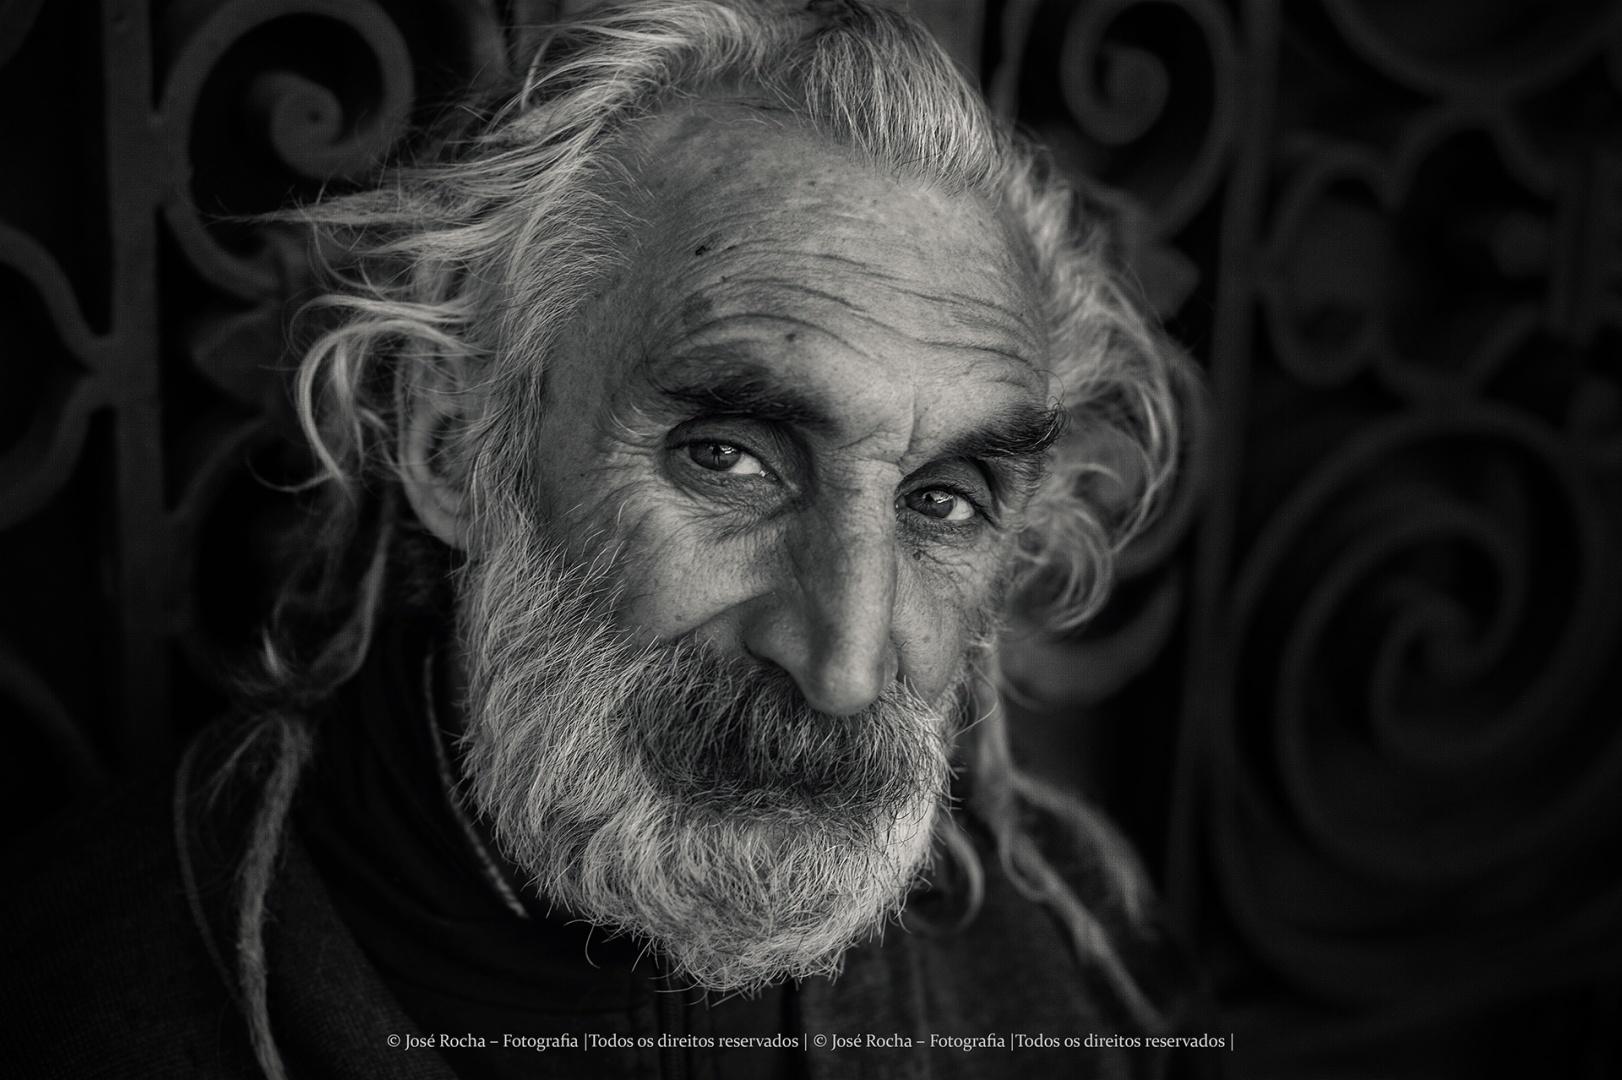 Retratos/O vago medo angustioso...